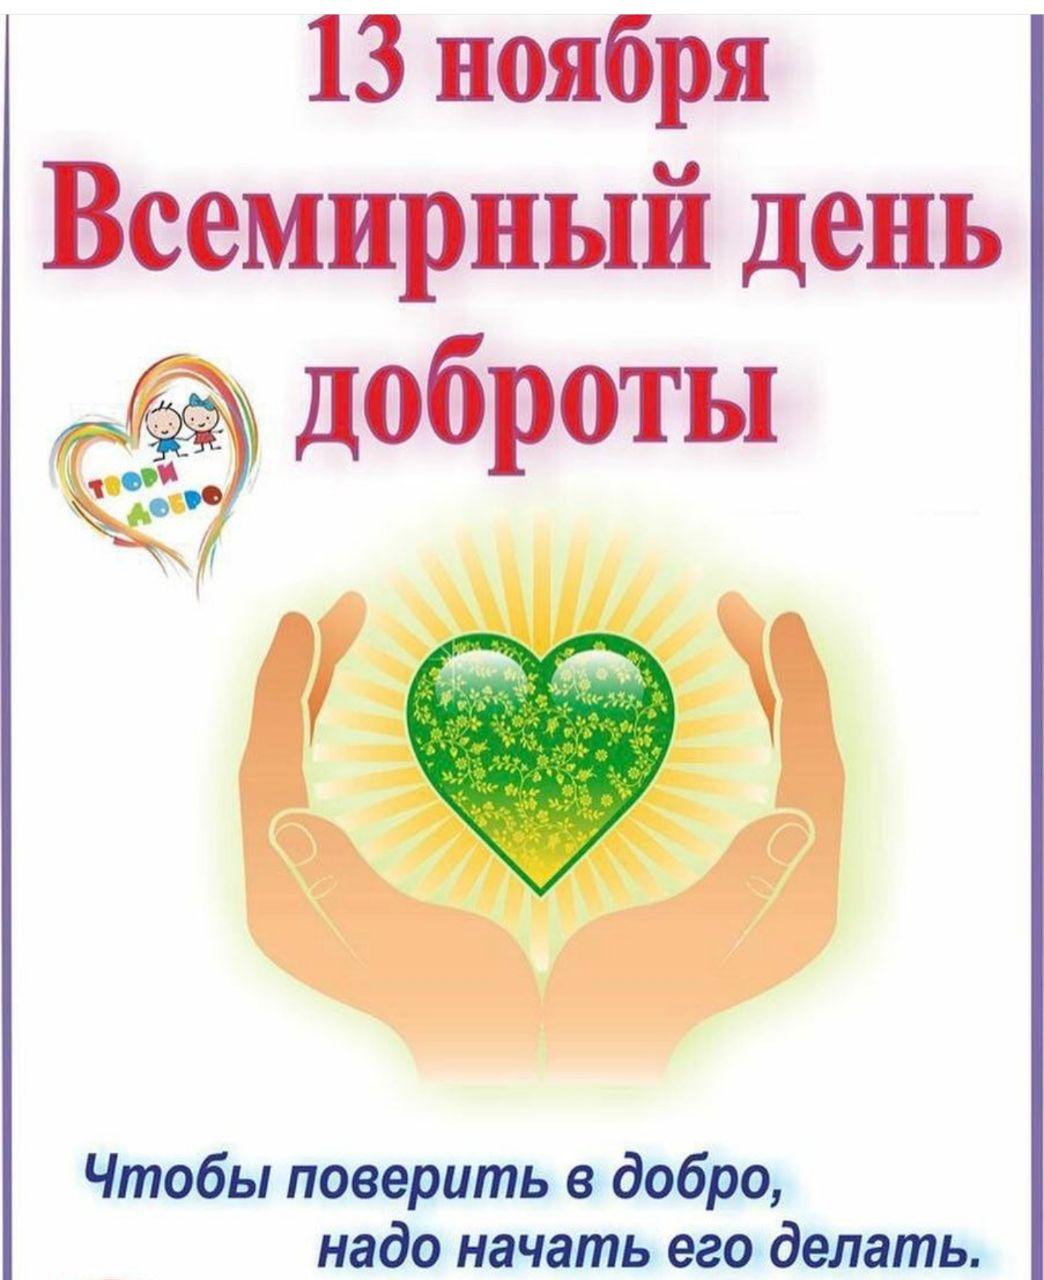 Всемирный день доброты: история, традиции, поздравления